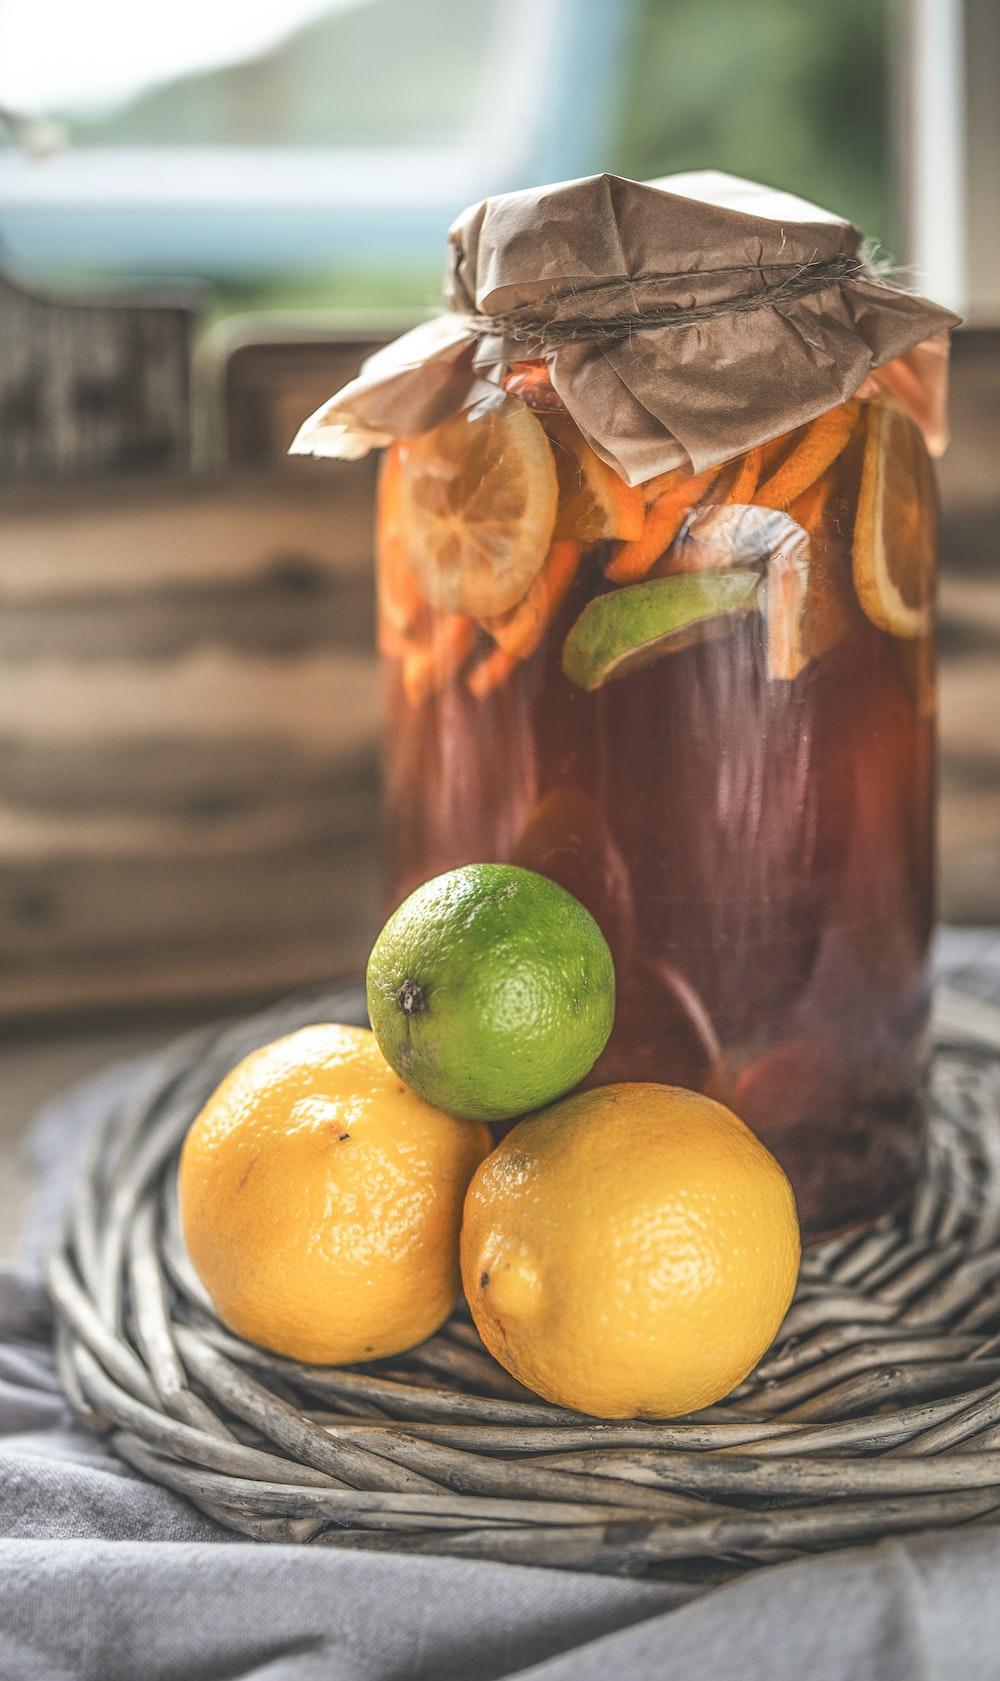 glass jar on gray surface beside lemons